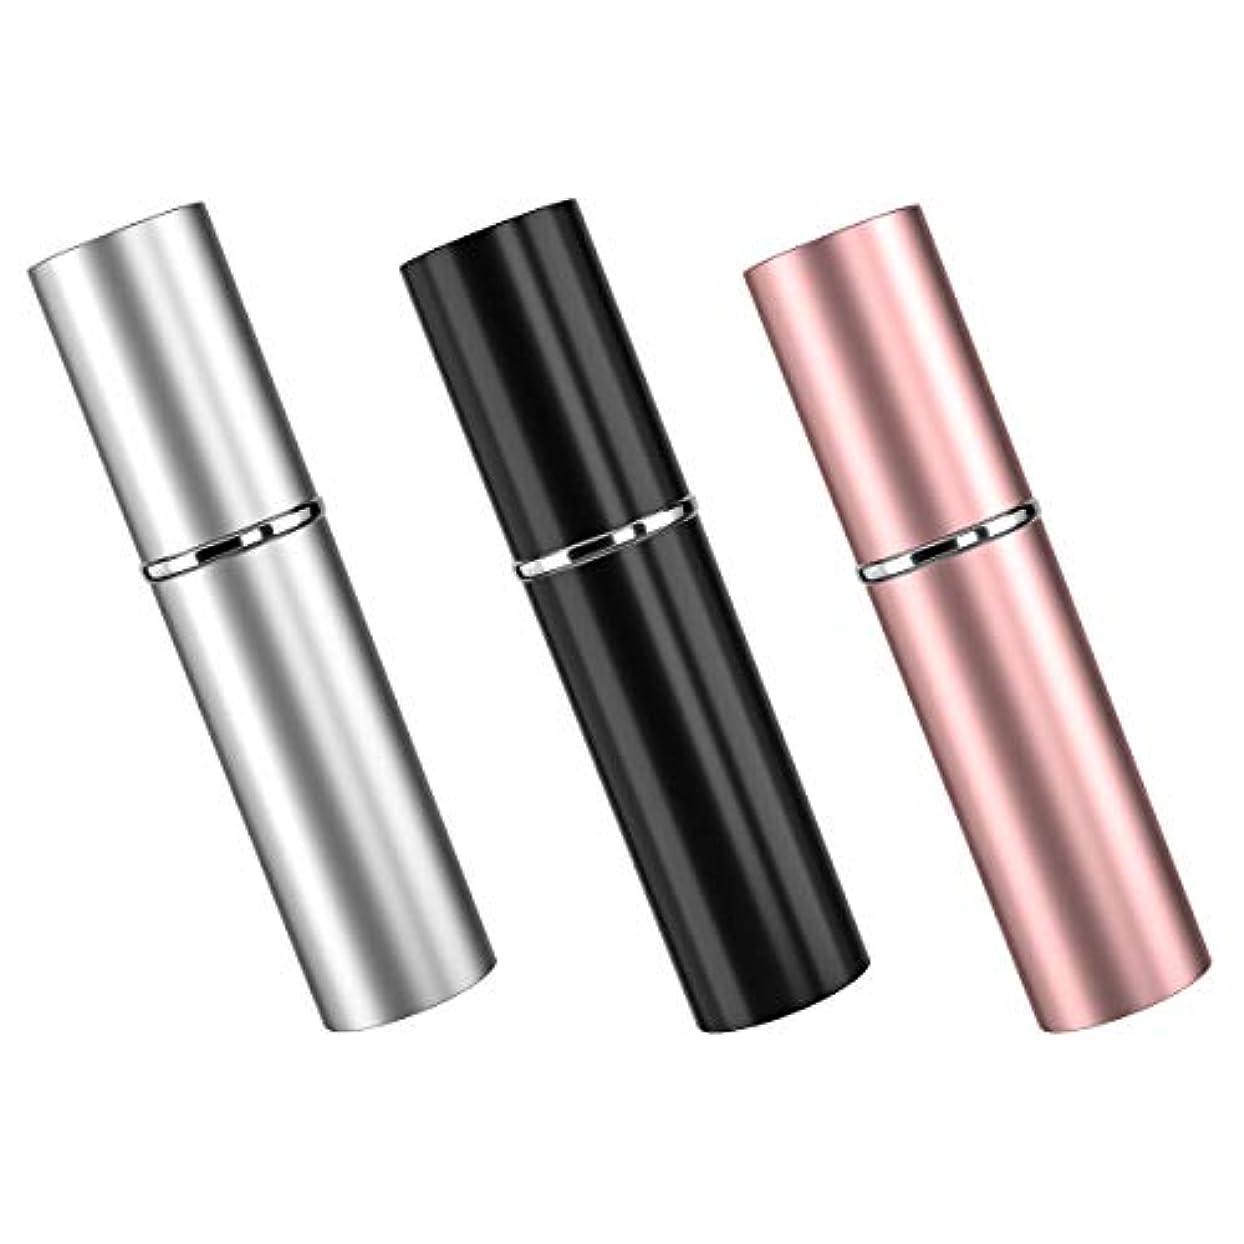 アトマイザ 香水 3色セット 詰め替え容器 スプレーボトル 小分けボトル トラベルボトル 旅行携帯便利 男女兼用 6ml 漏斗付き (ピンク、ブラック、銀)